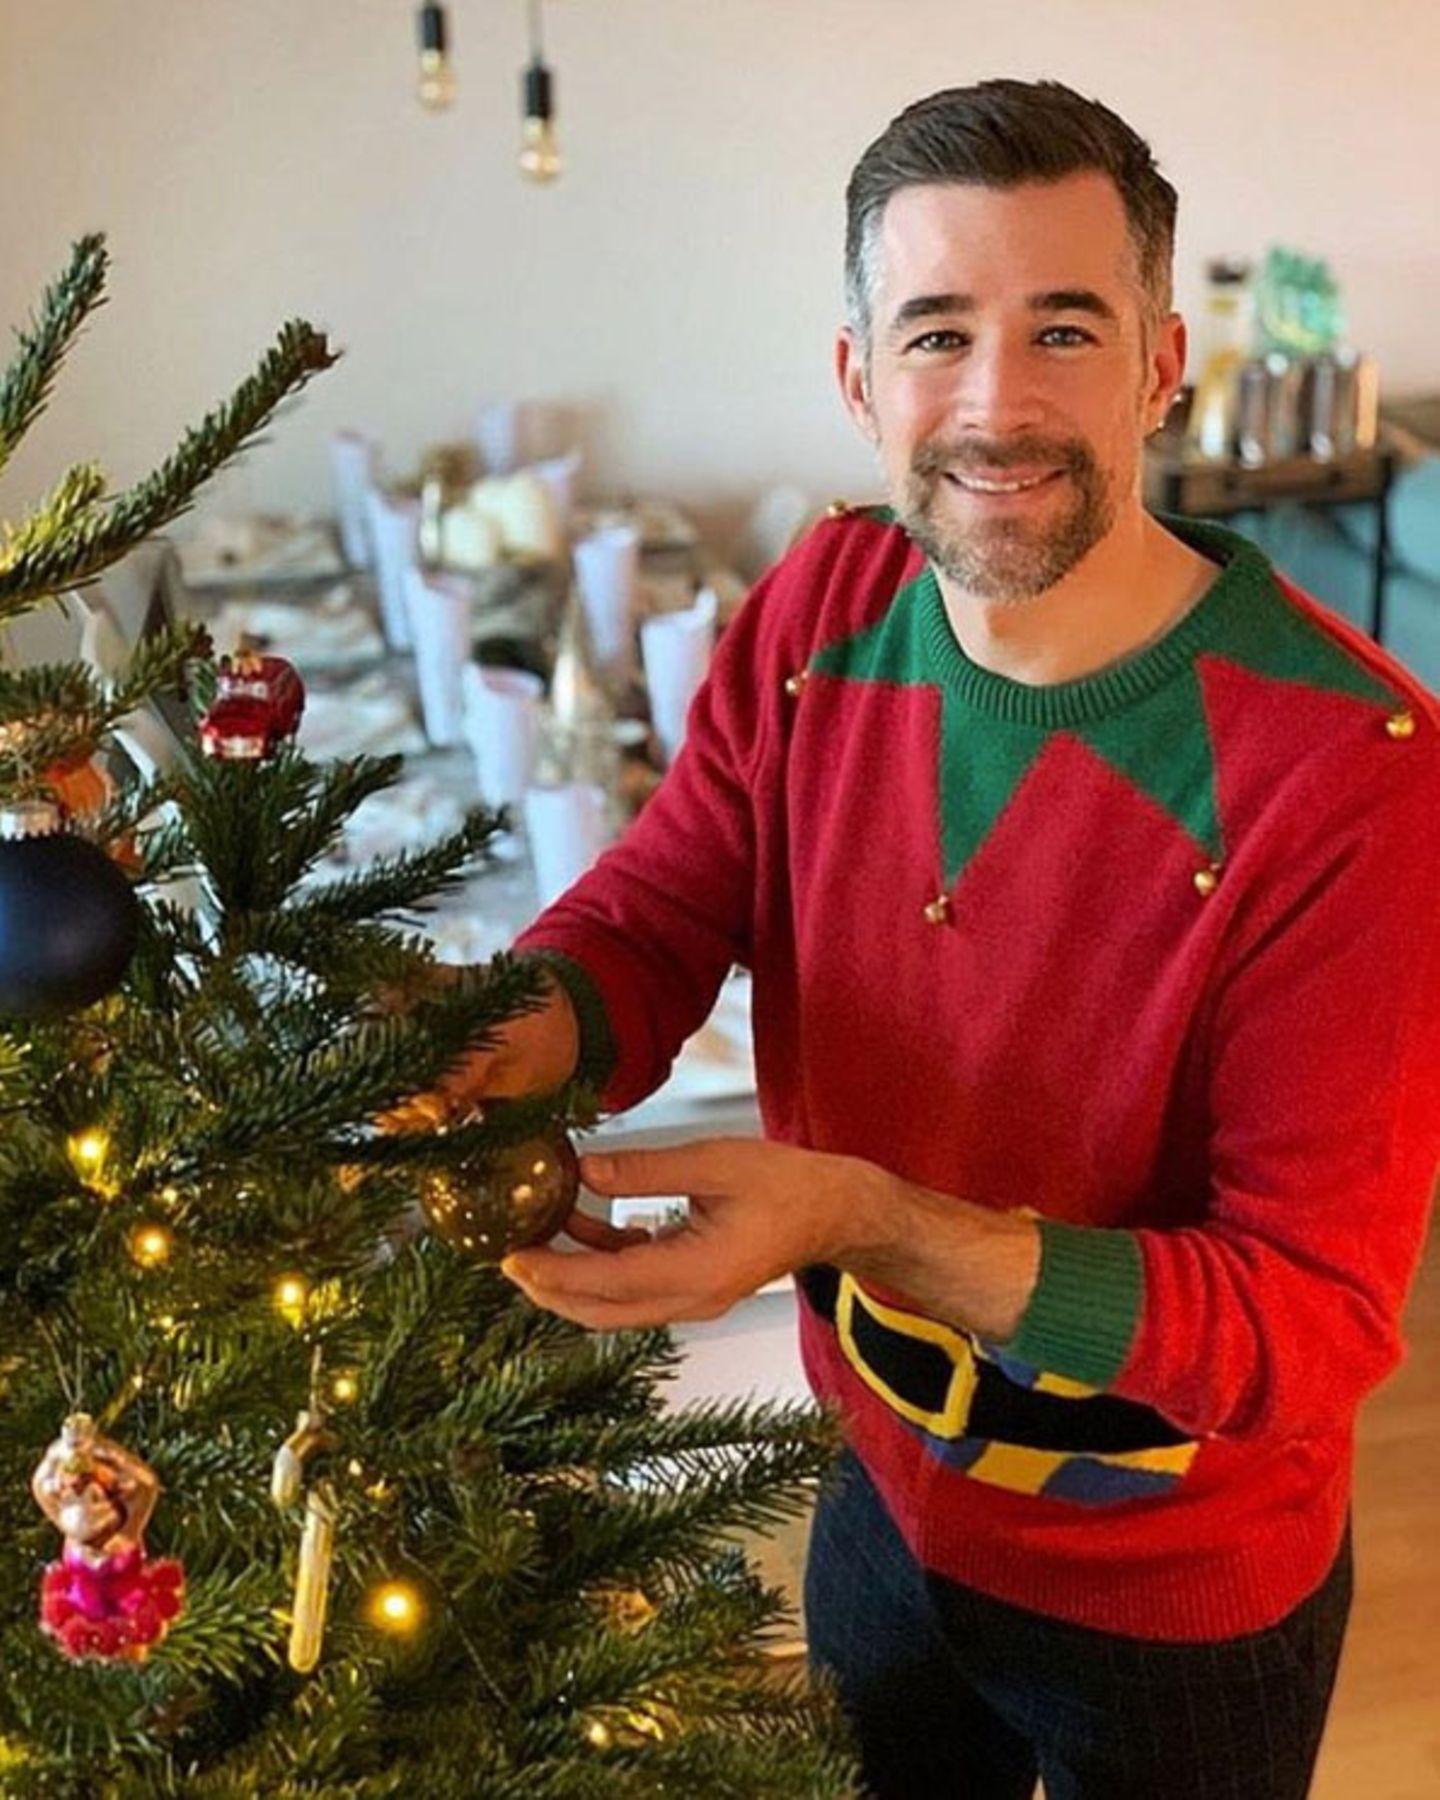 Der Tisch gedeckt, der Baum geschmückt: Im passenden Elfen-Mann-Outfit erwartet Schauspieler Jo Weil seine Gäste zum weihnachtlichen Dinner.